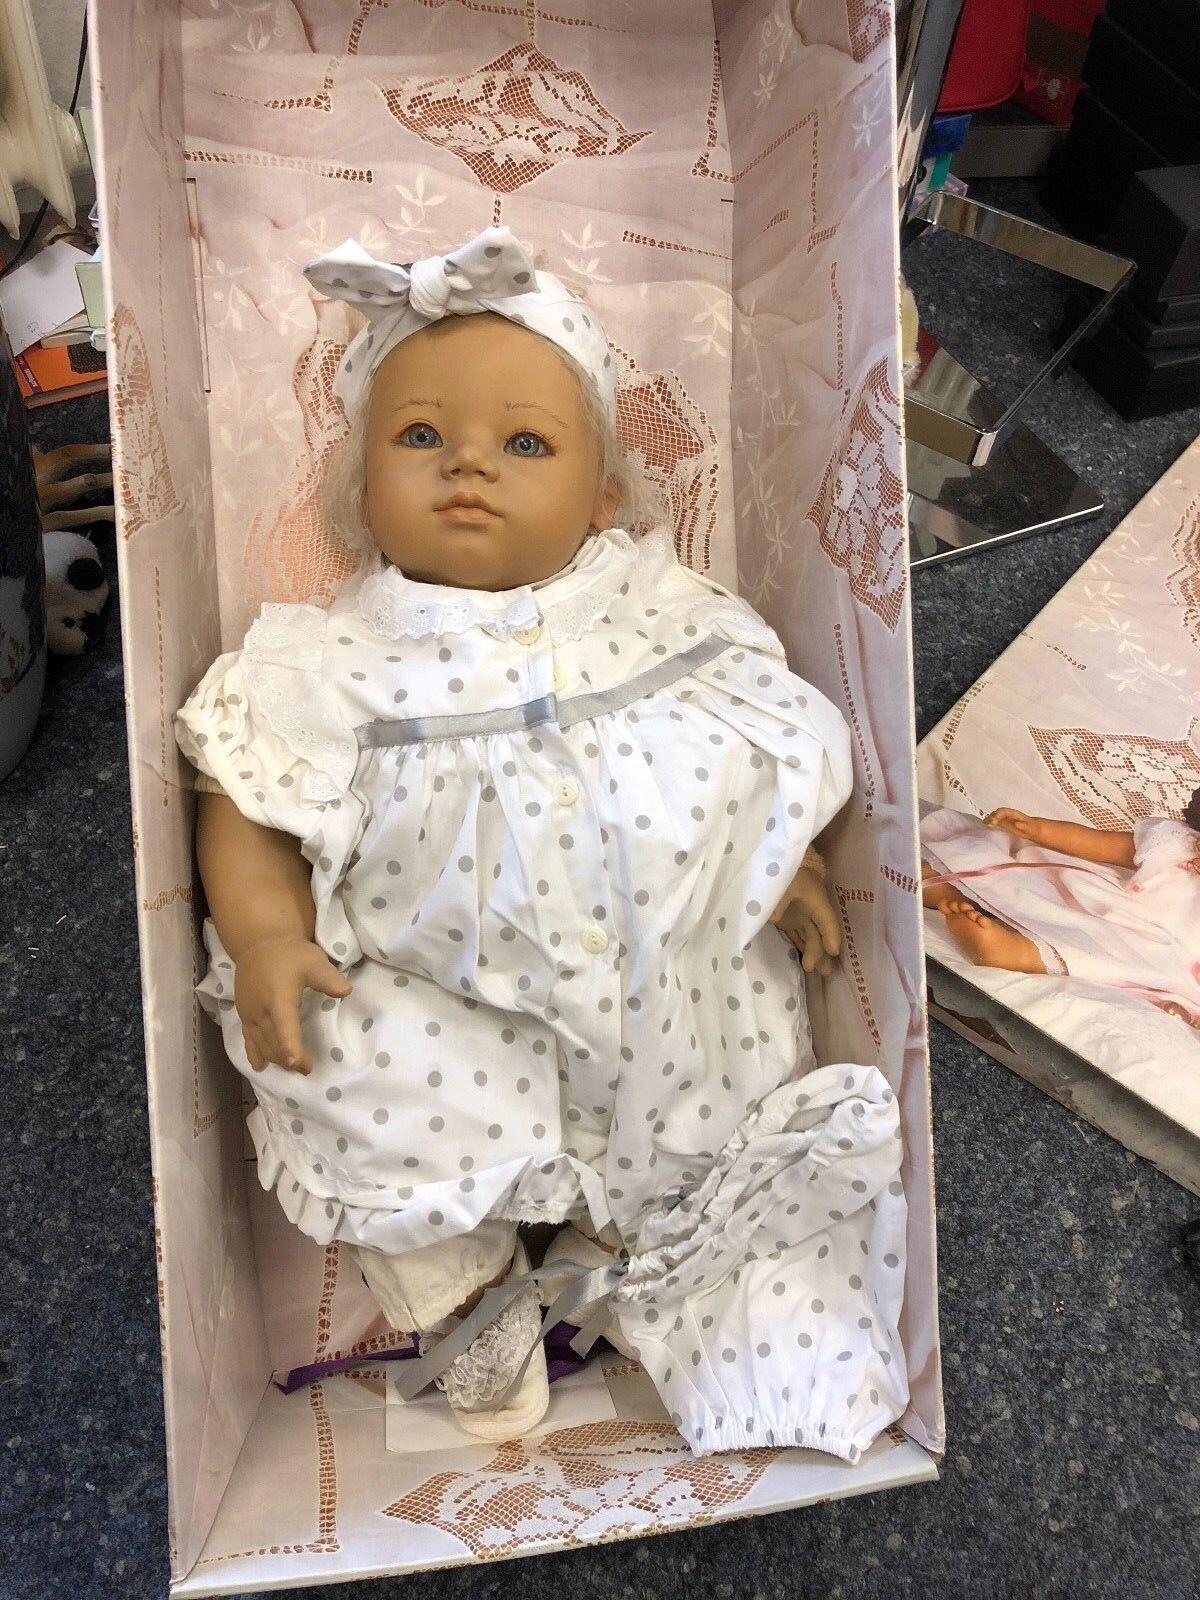 Annette Himstedt Puppe ⭐️⭐️ Ännchen 56 cm. ⭐️⭐️ Top Zustand